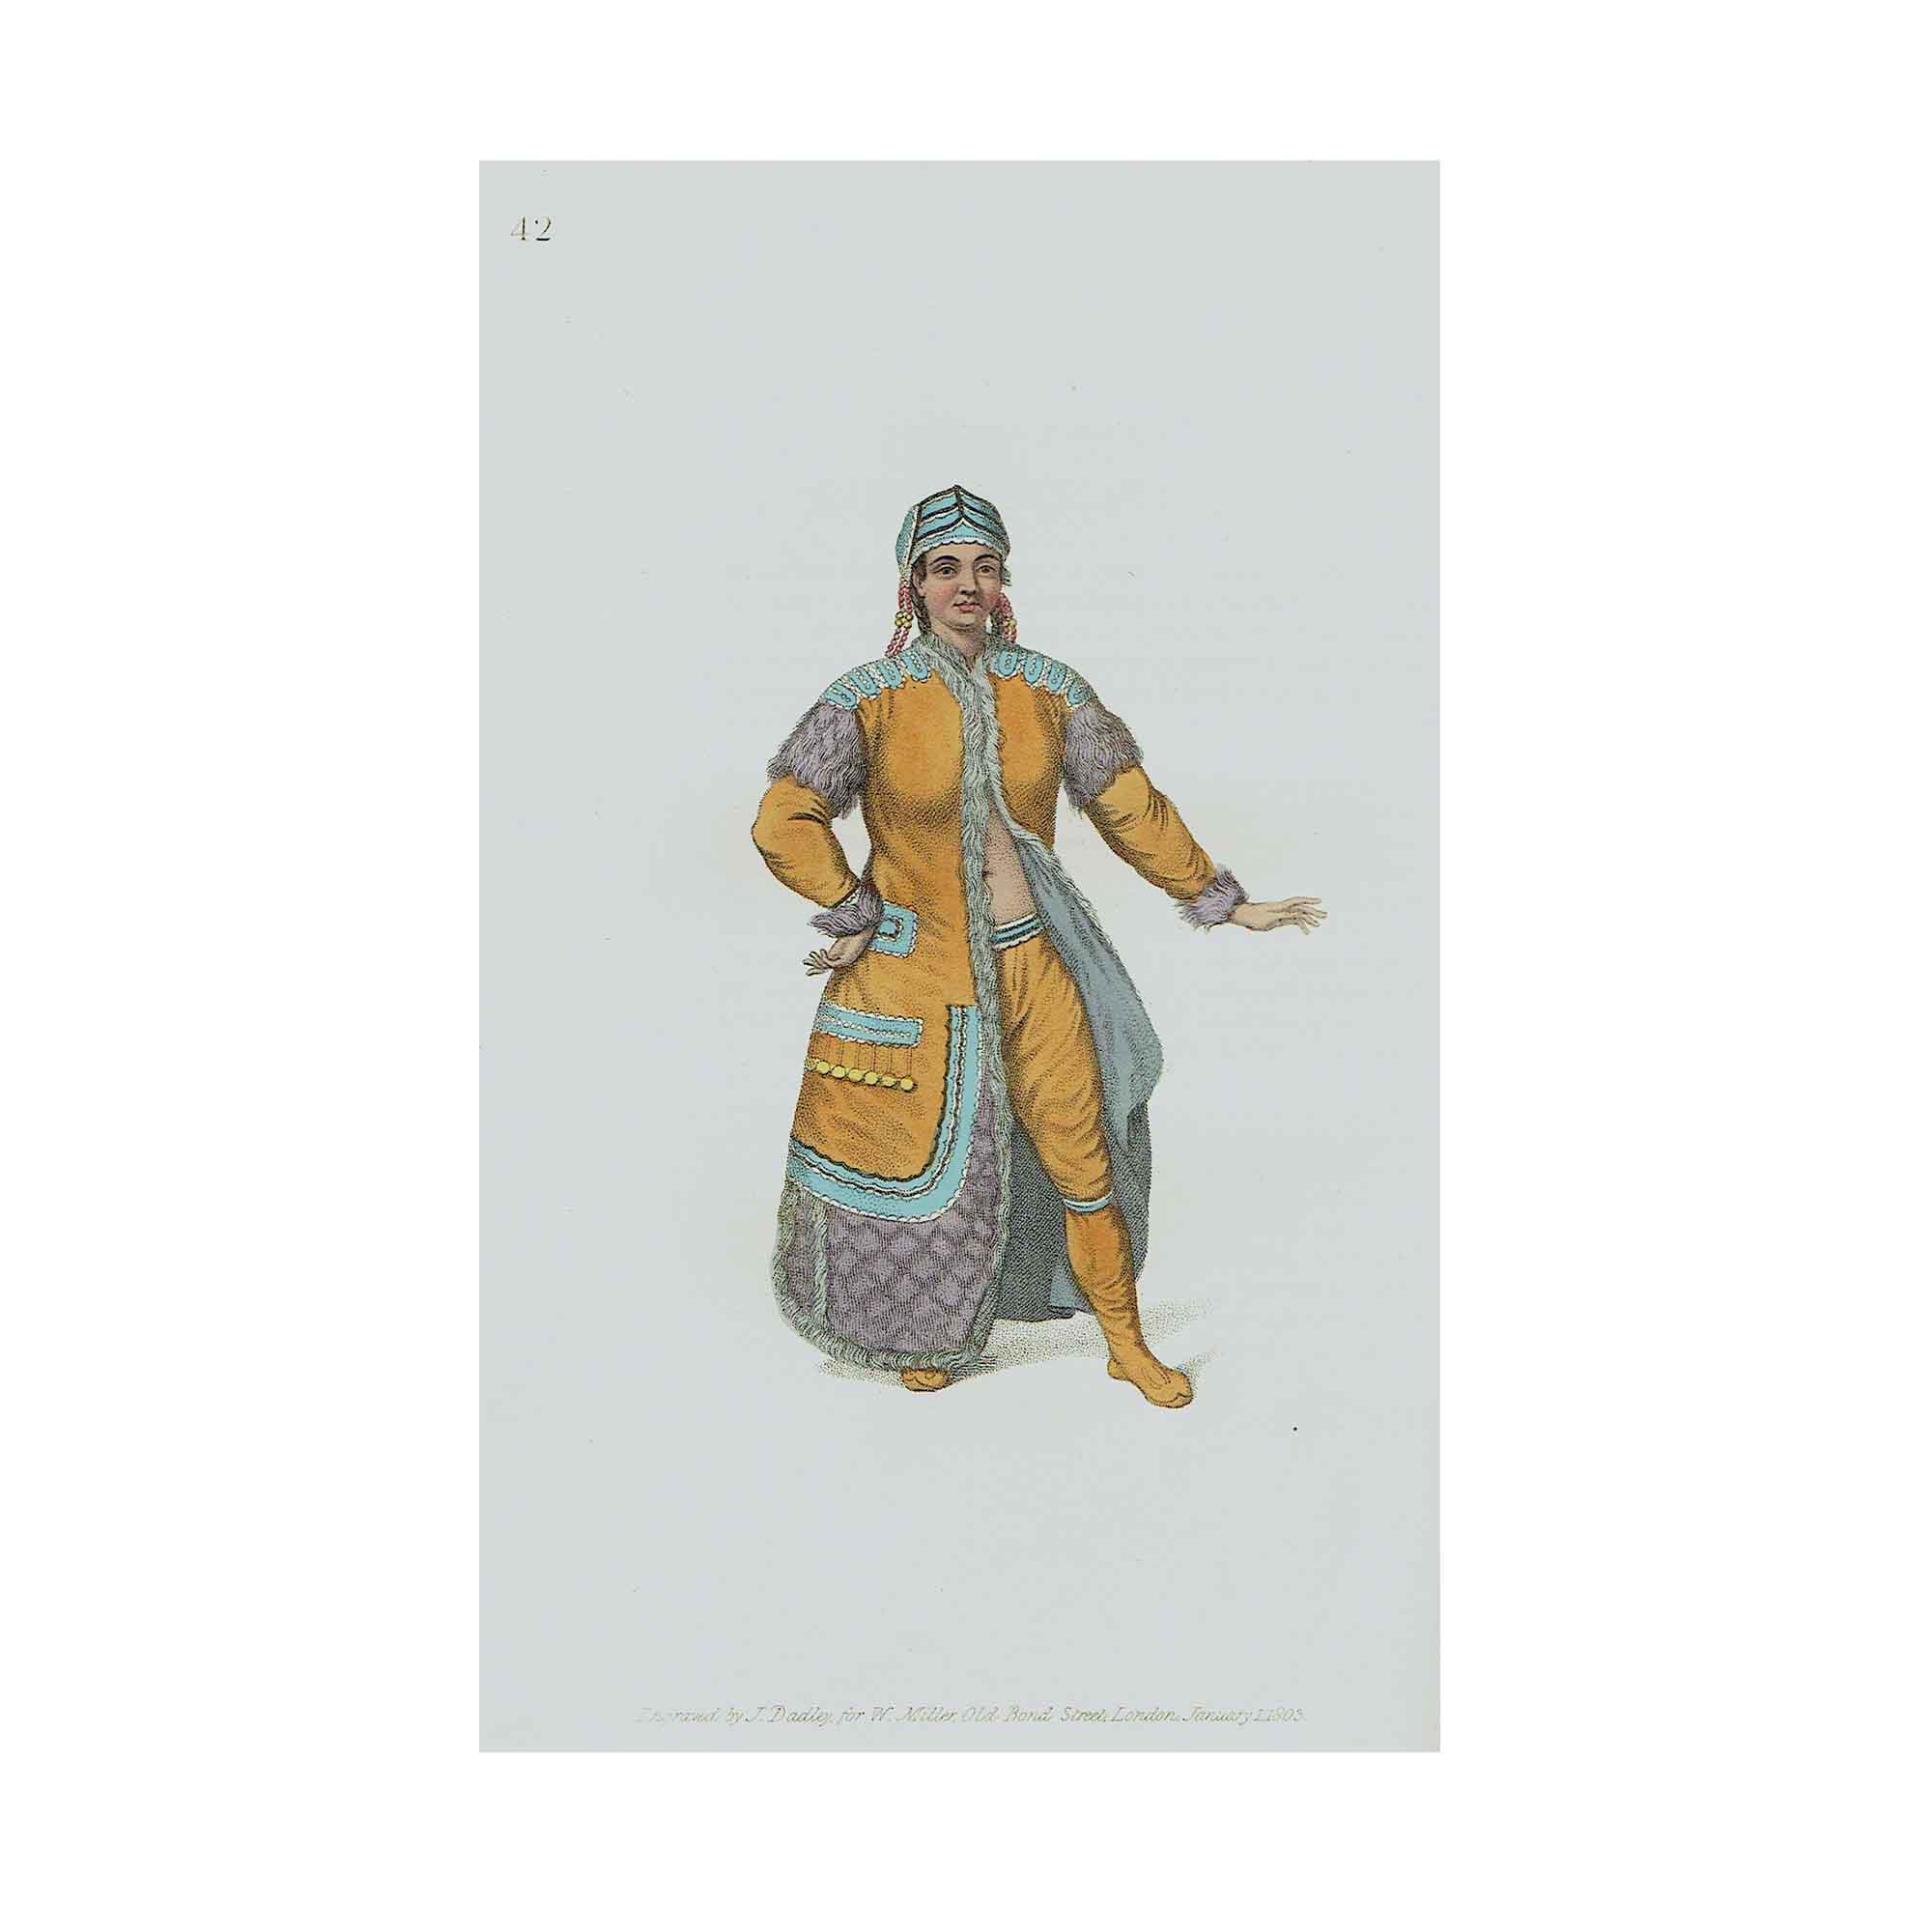 Miller-Russian-Costume-1803-1-N.jpg